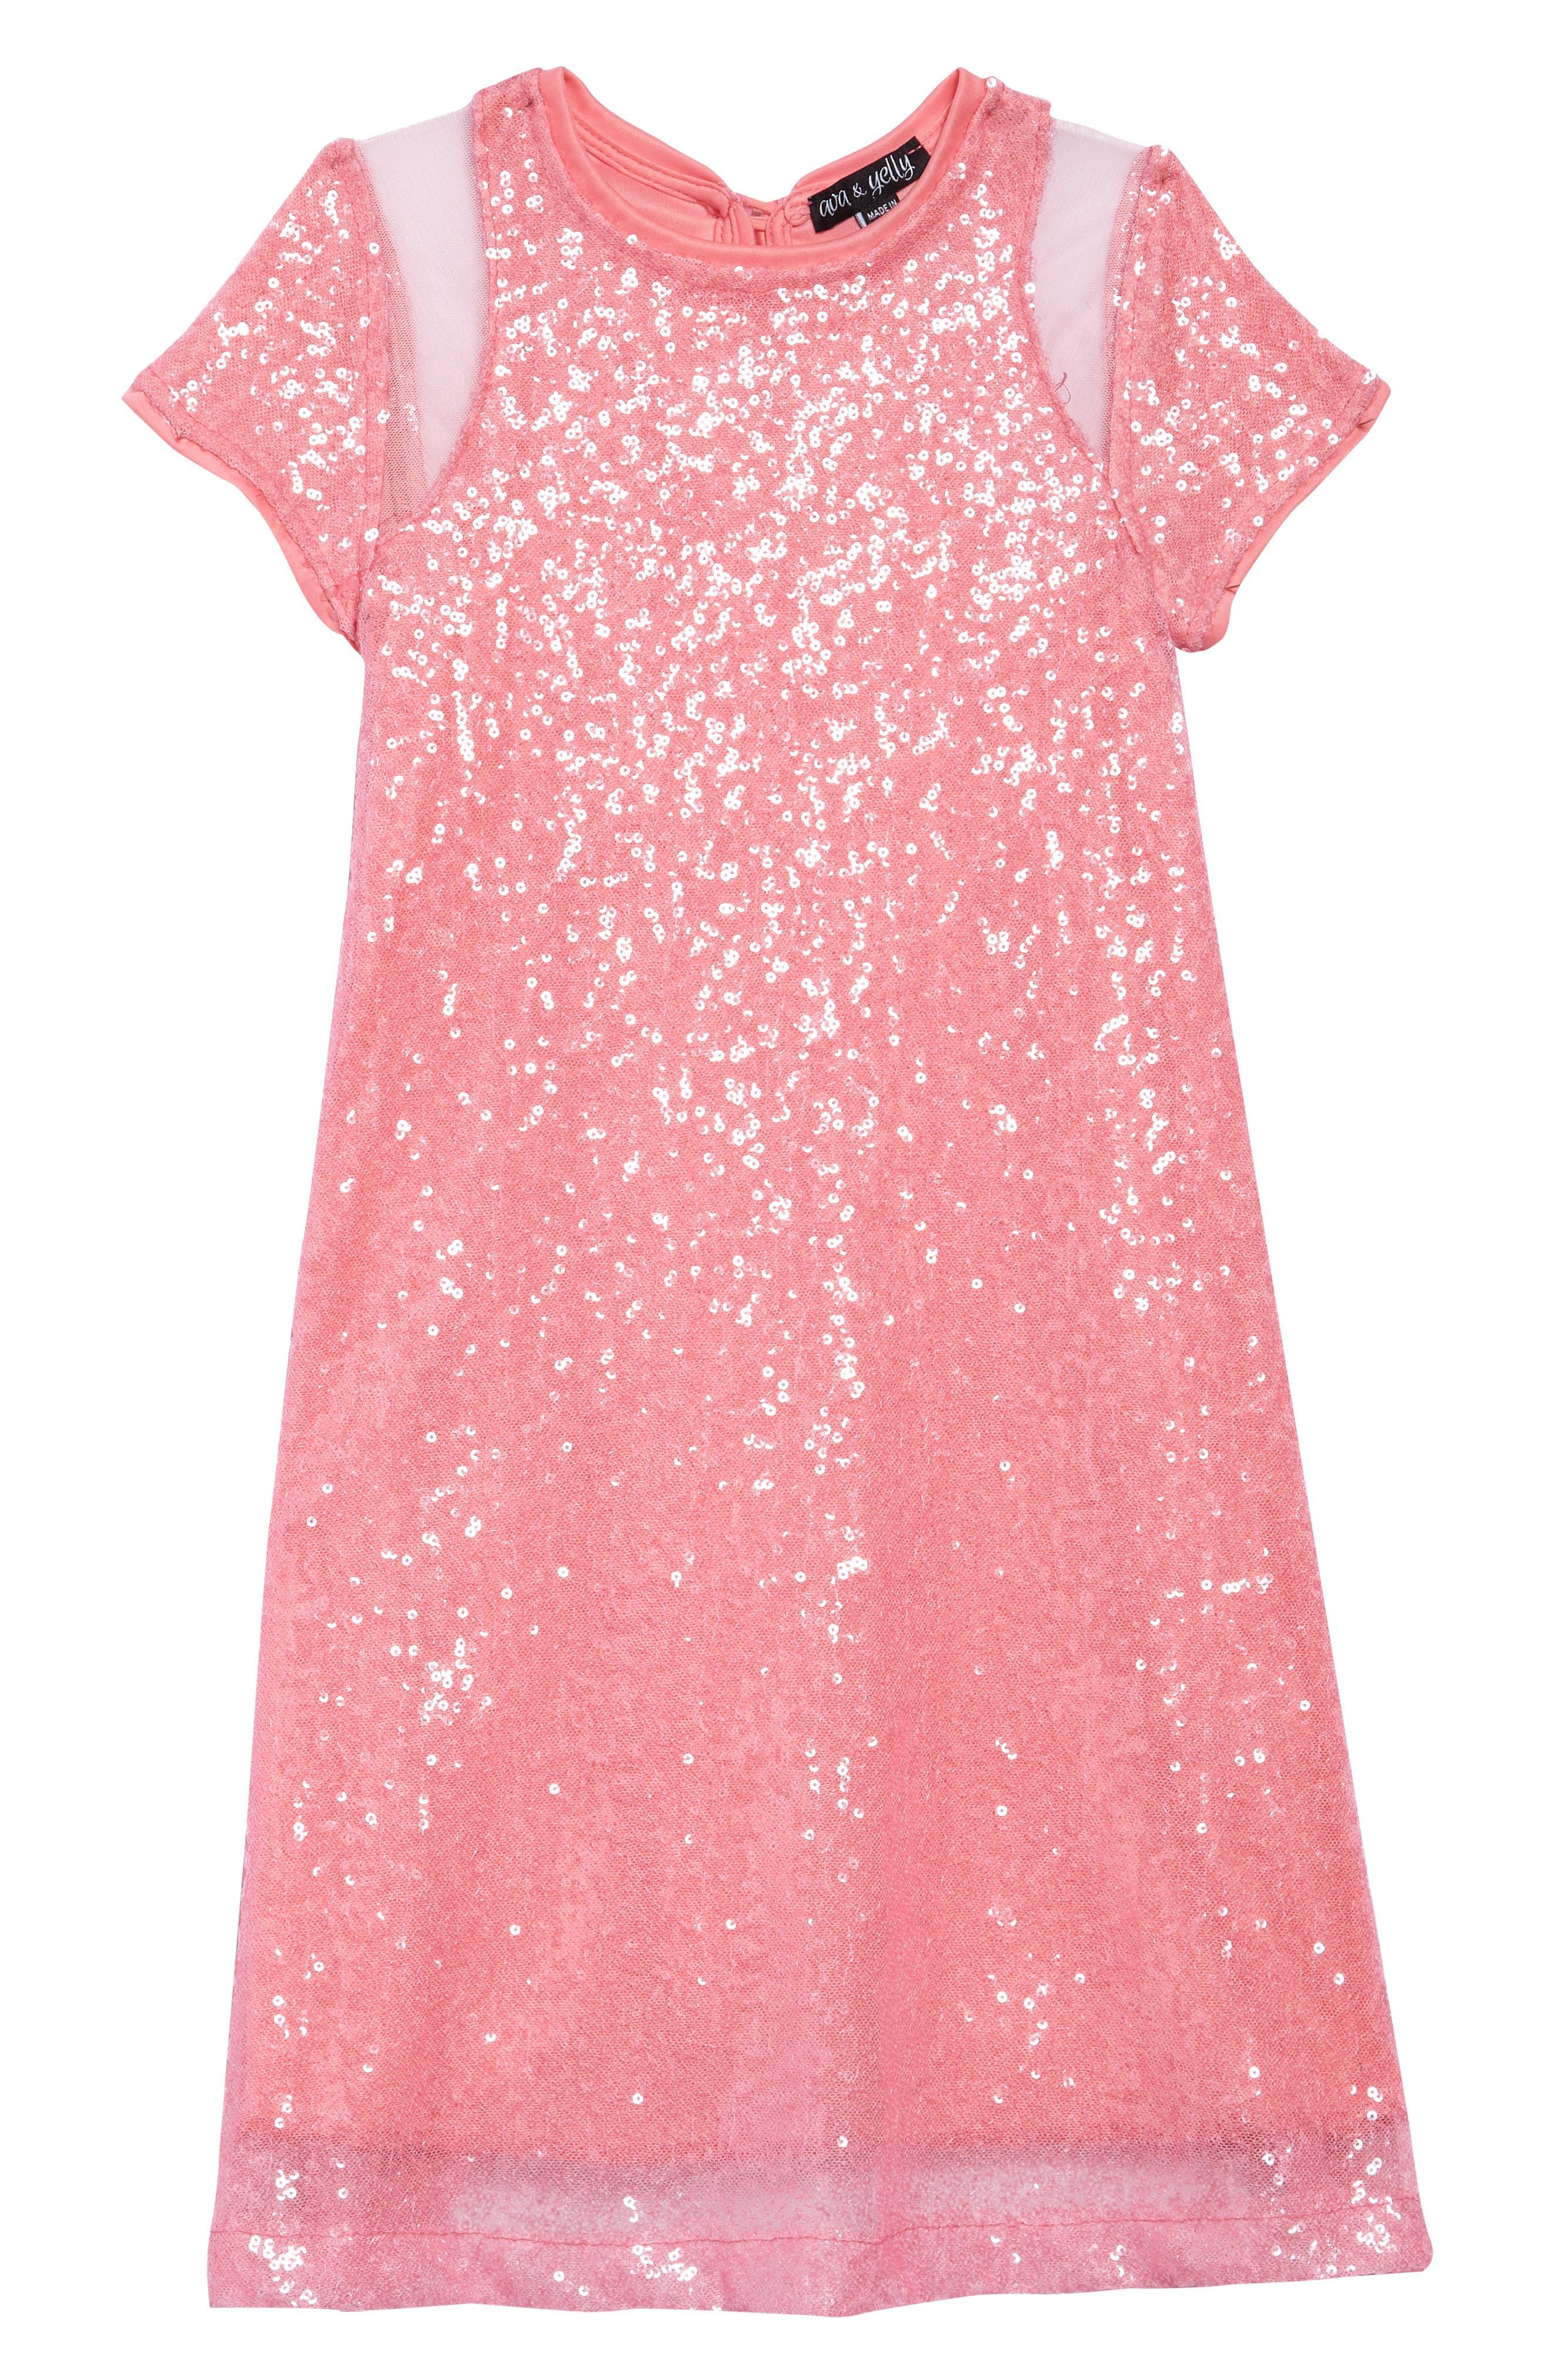 AVA & YELLY Daisy Sequin Shift Dress, Main, color, 650